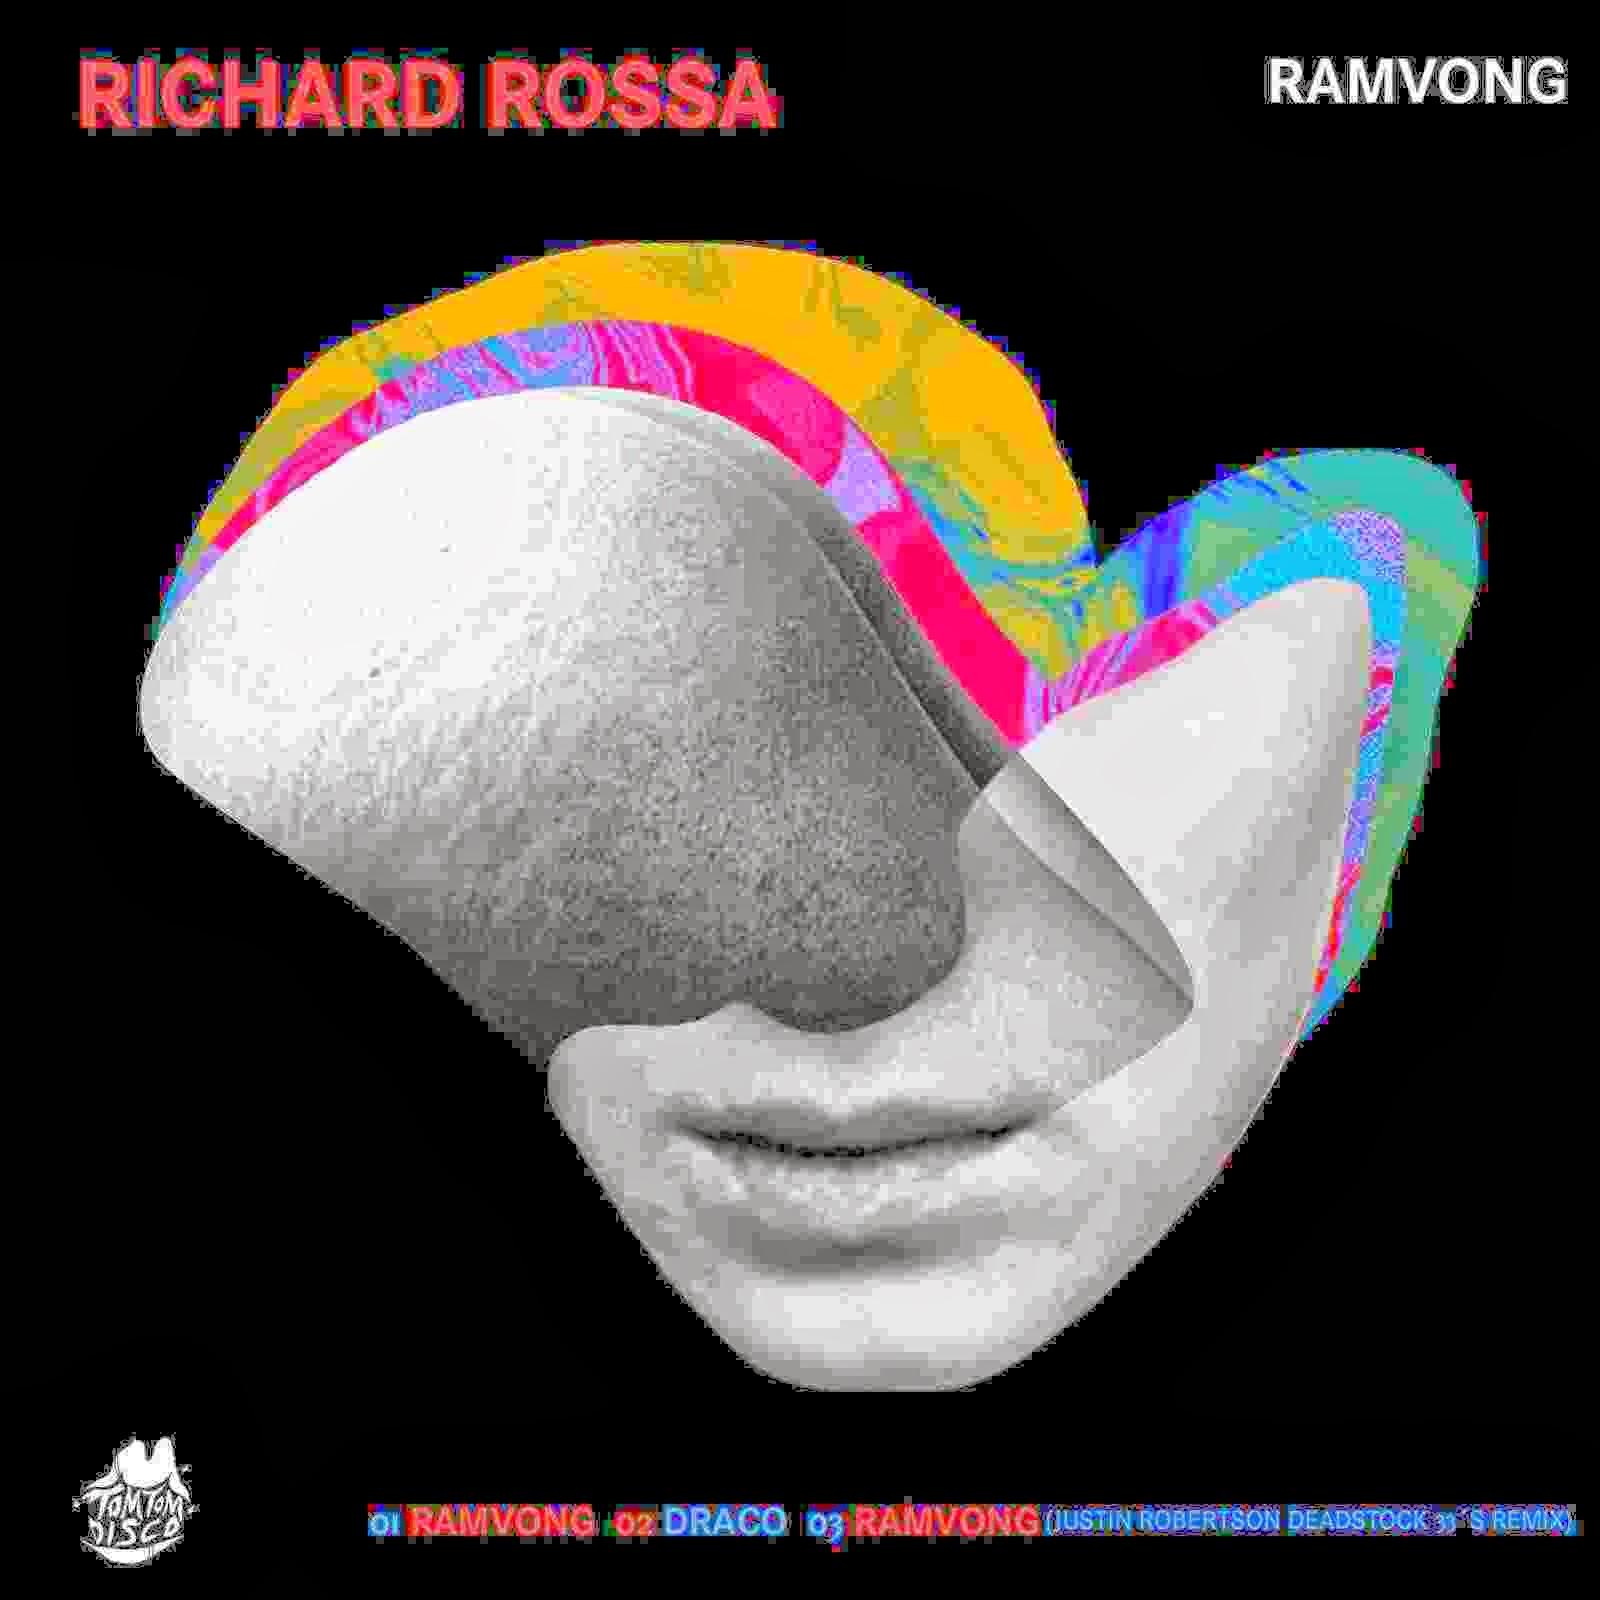 Richard Rossa - Ramvong EP